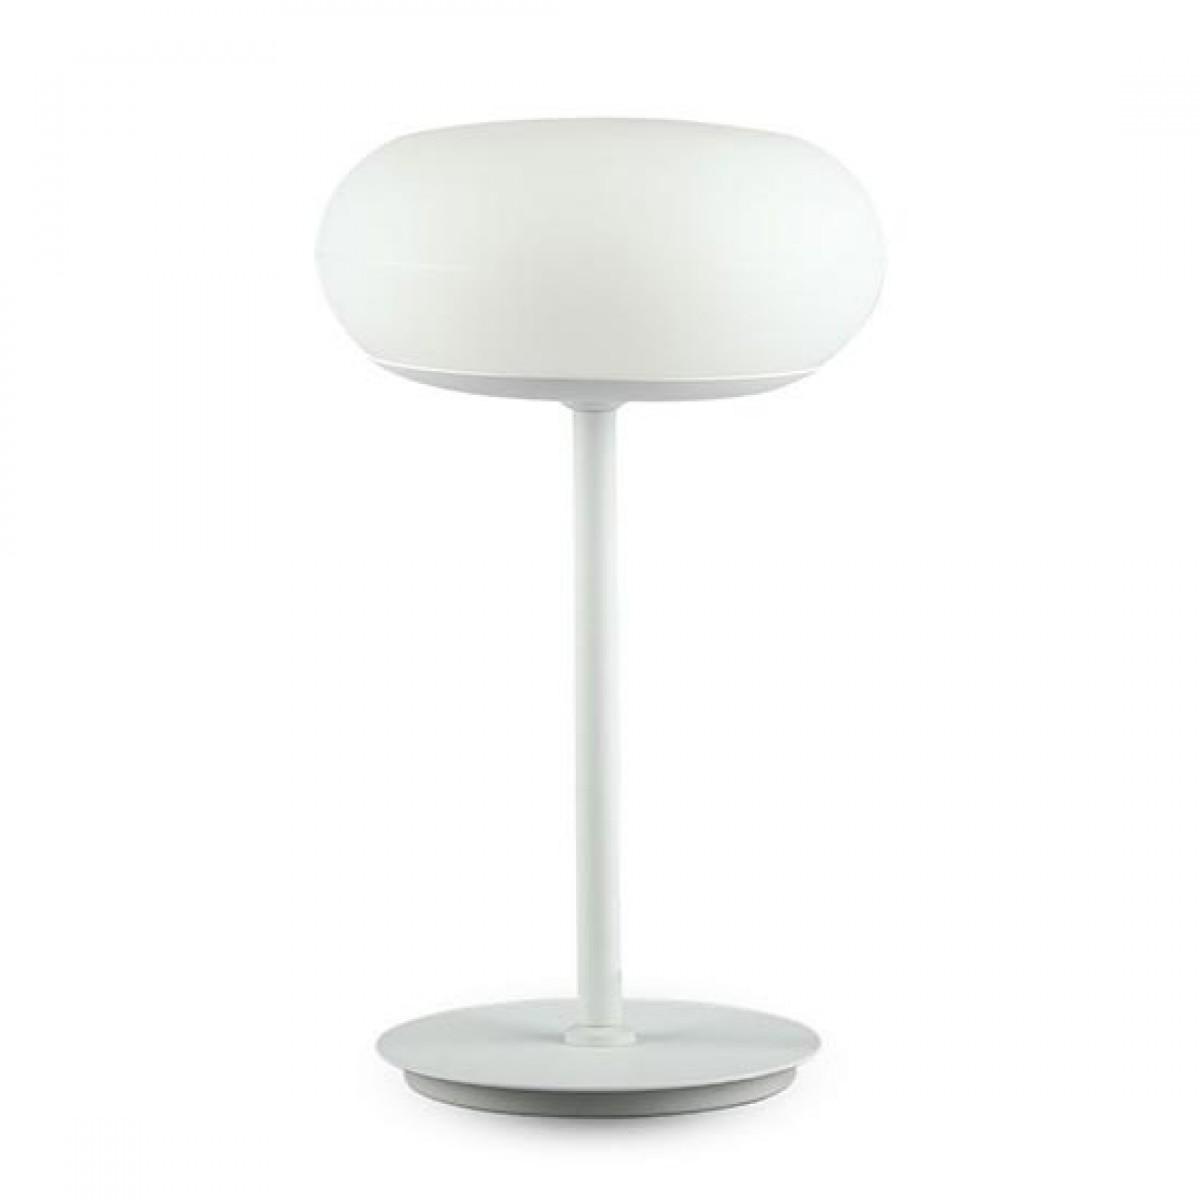 V Tac Vt 7204 Lampada Da Tavolo Led 15w Touch Circolare